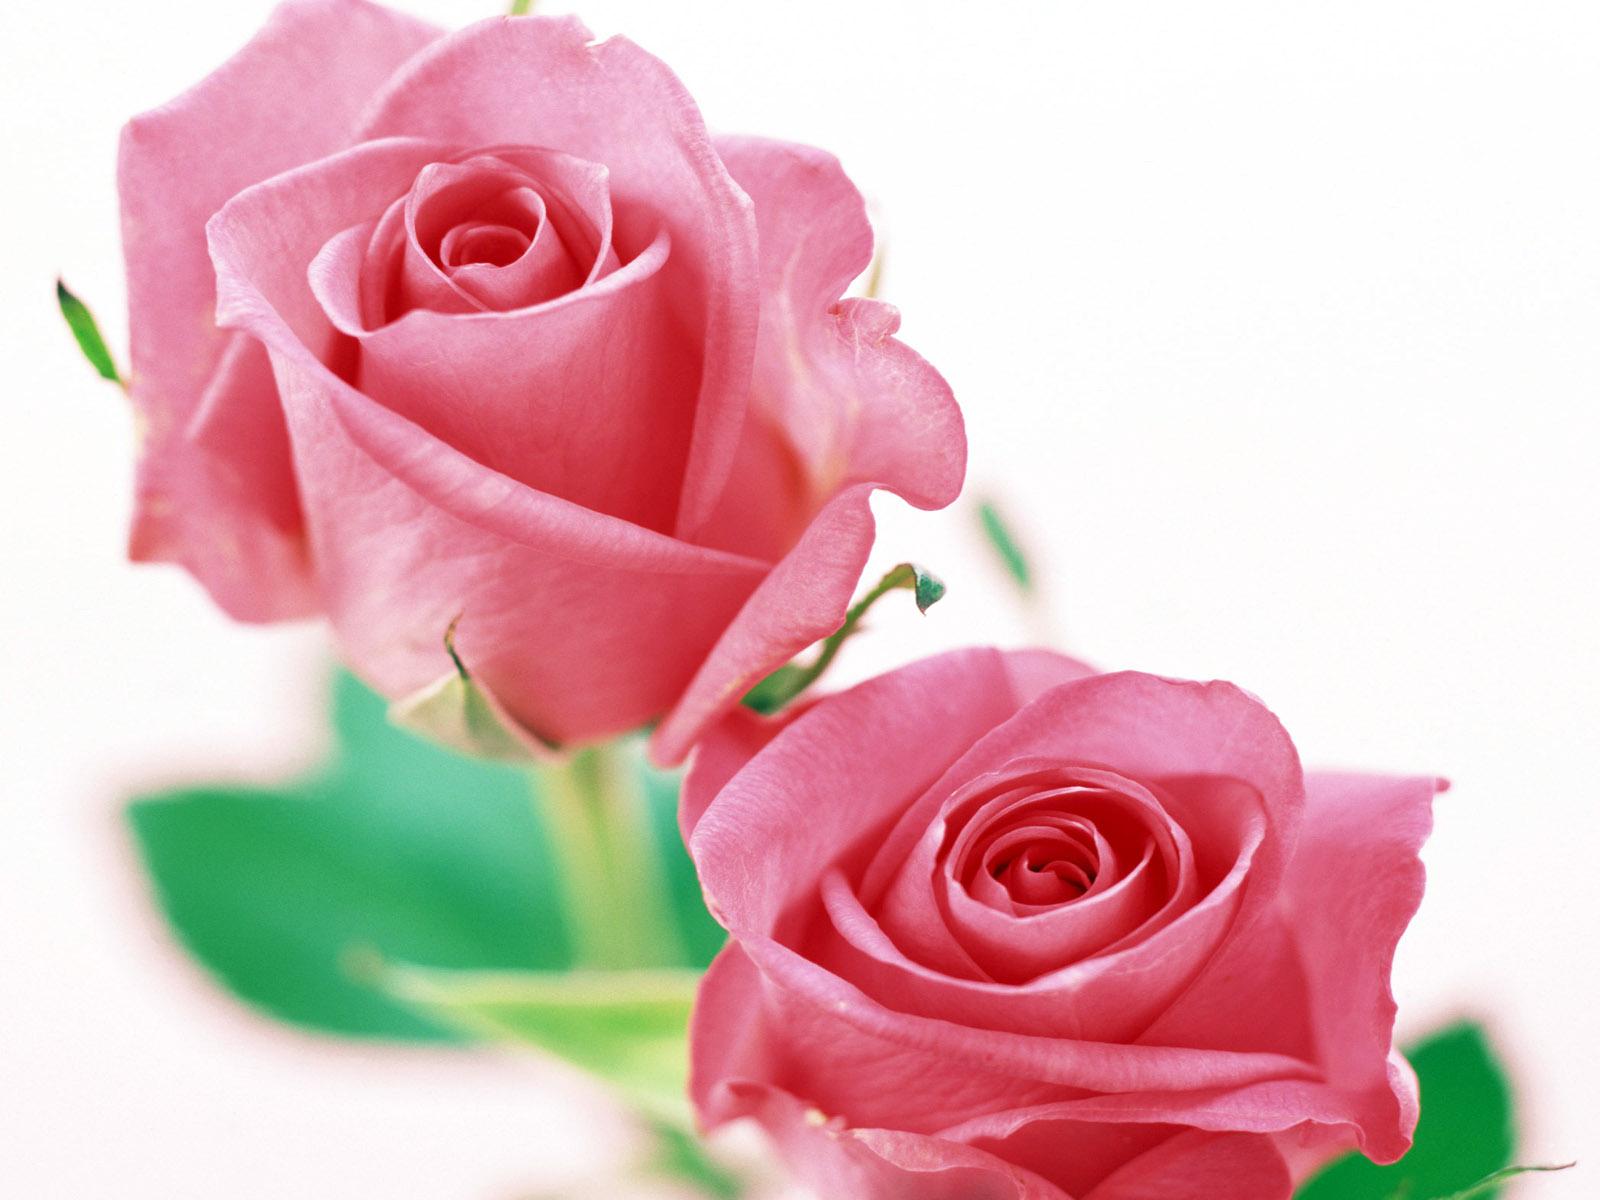 Картинки розовые розы на белом фоне, лет дня свадьбы